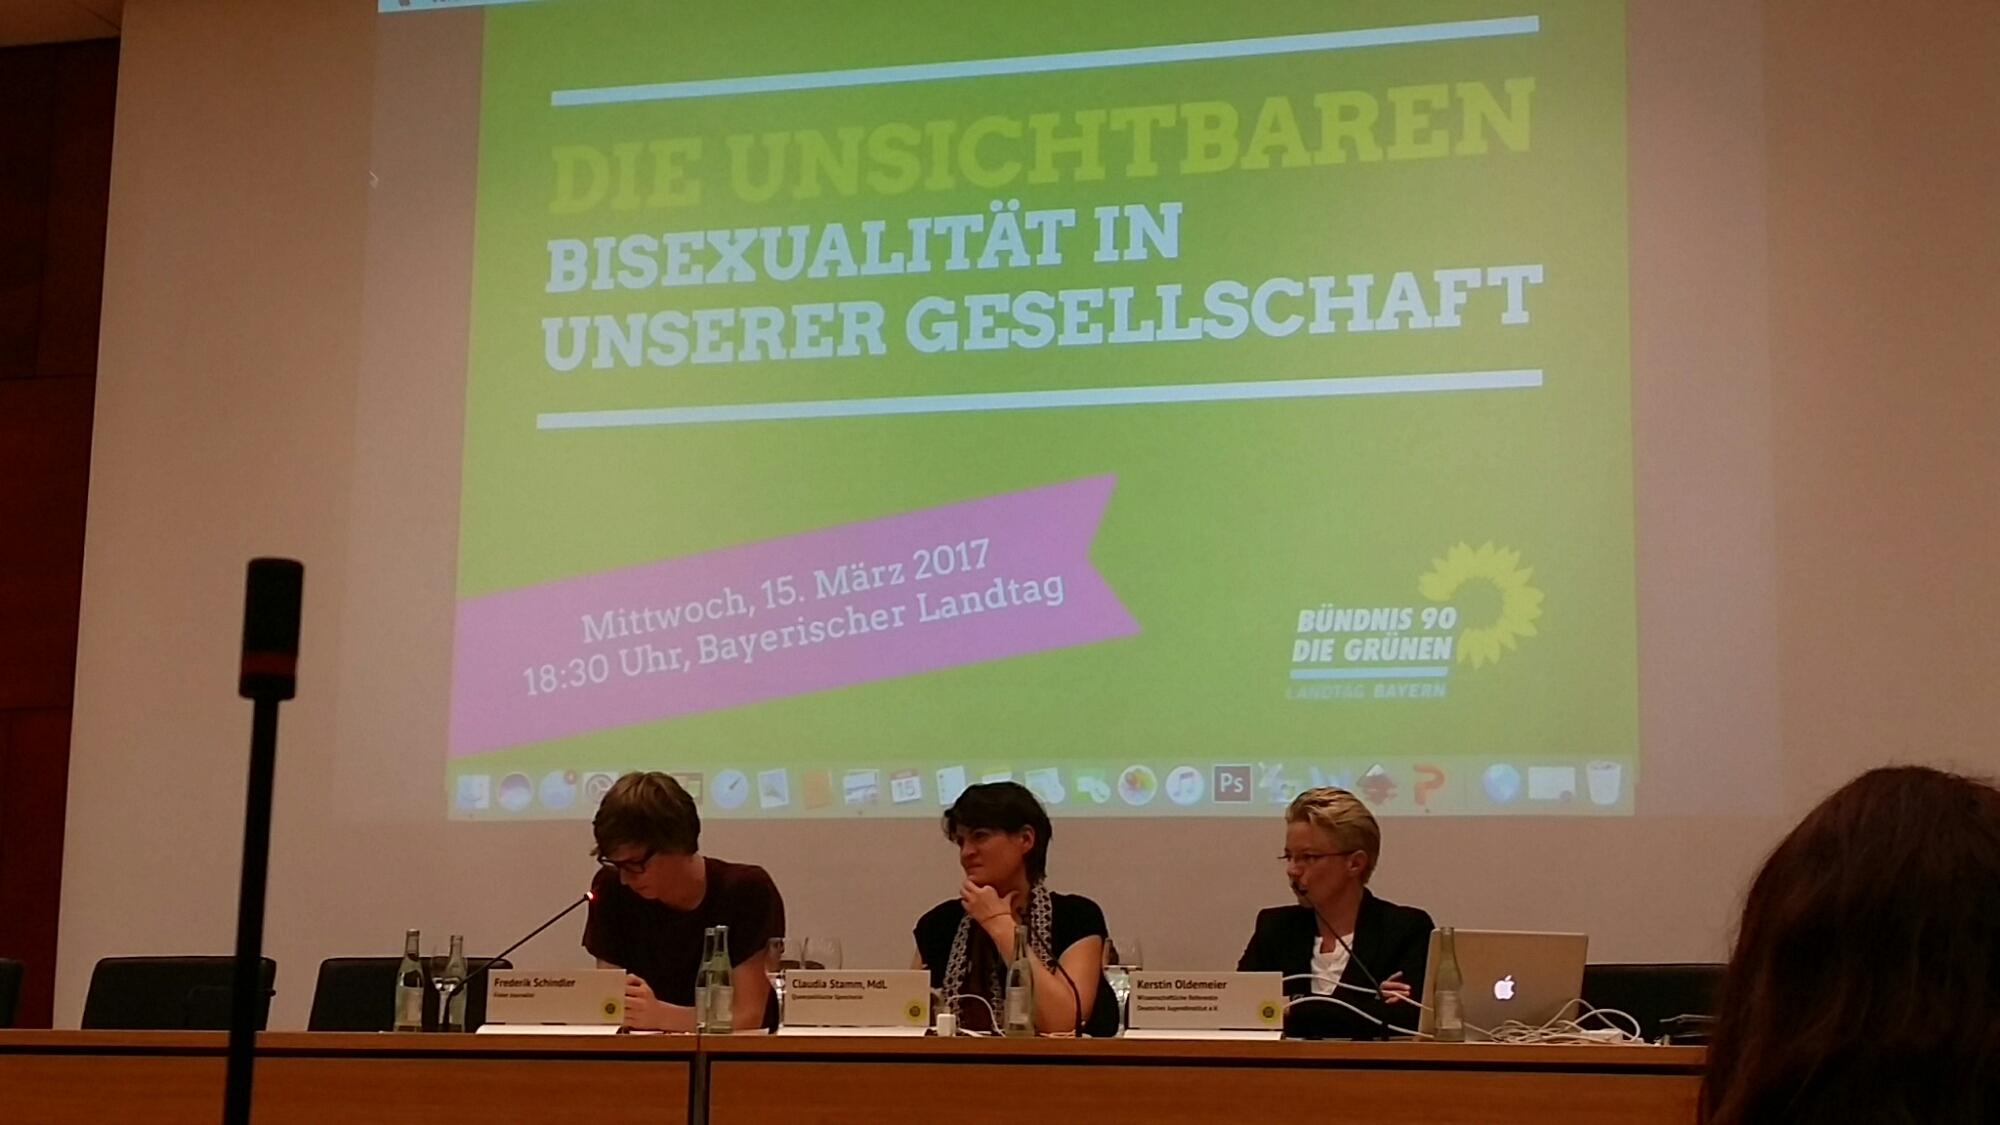 Die Unsichtbaren - Bisexualität